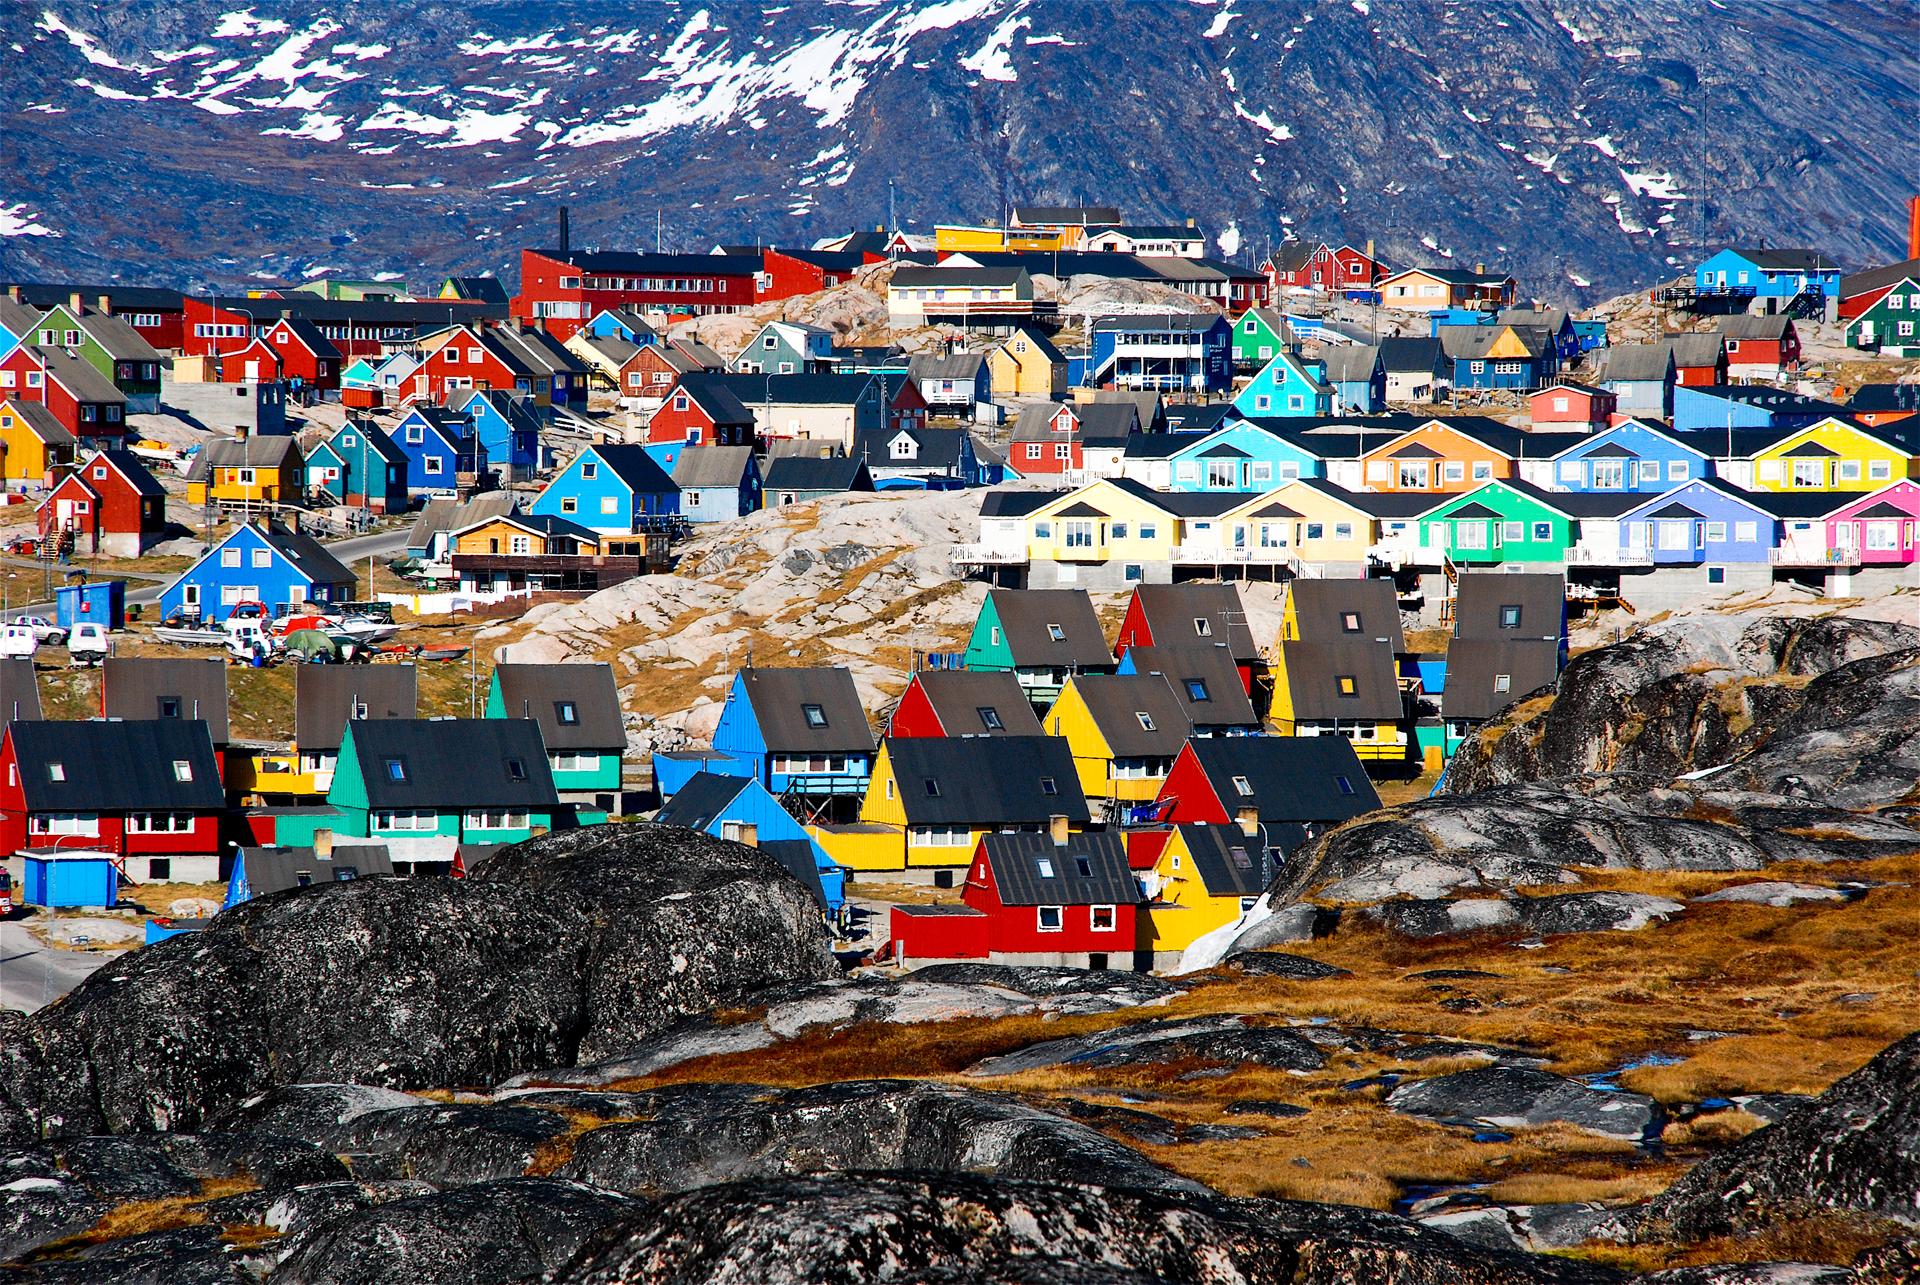 Se encuentra en Groenlandia, un pueblo lleno de icebergs y viviendas coloridas que le dan vida al paisaje frío. Fue declarado Patrimonio de la Humanidad por la Unesco en 2004 por sus imponentes vistas (iStock)